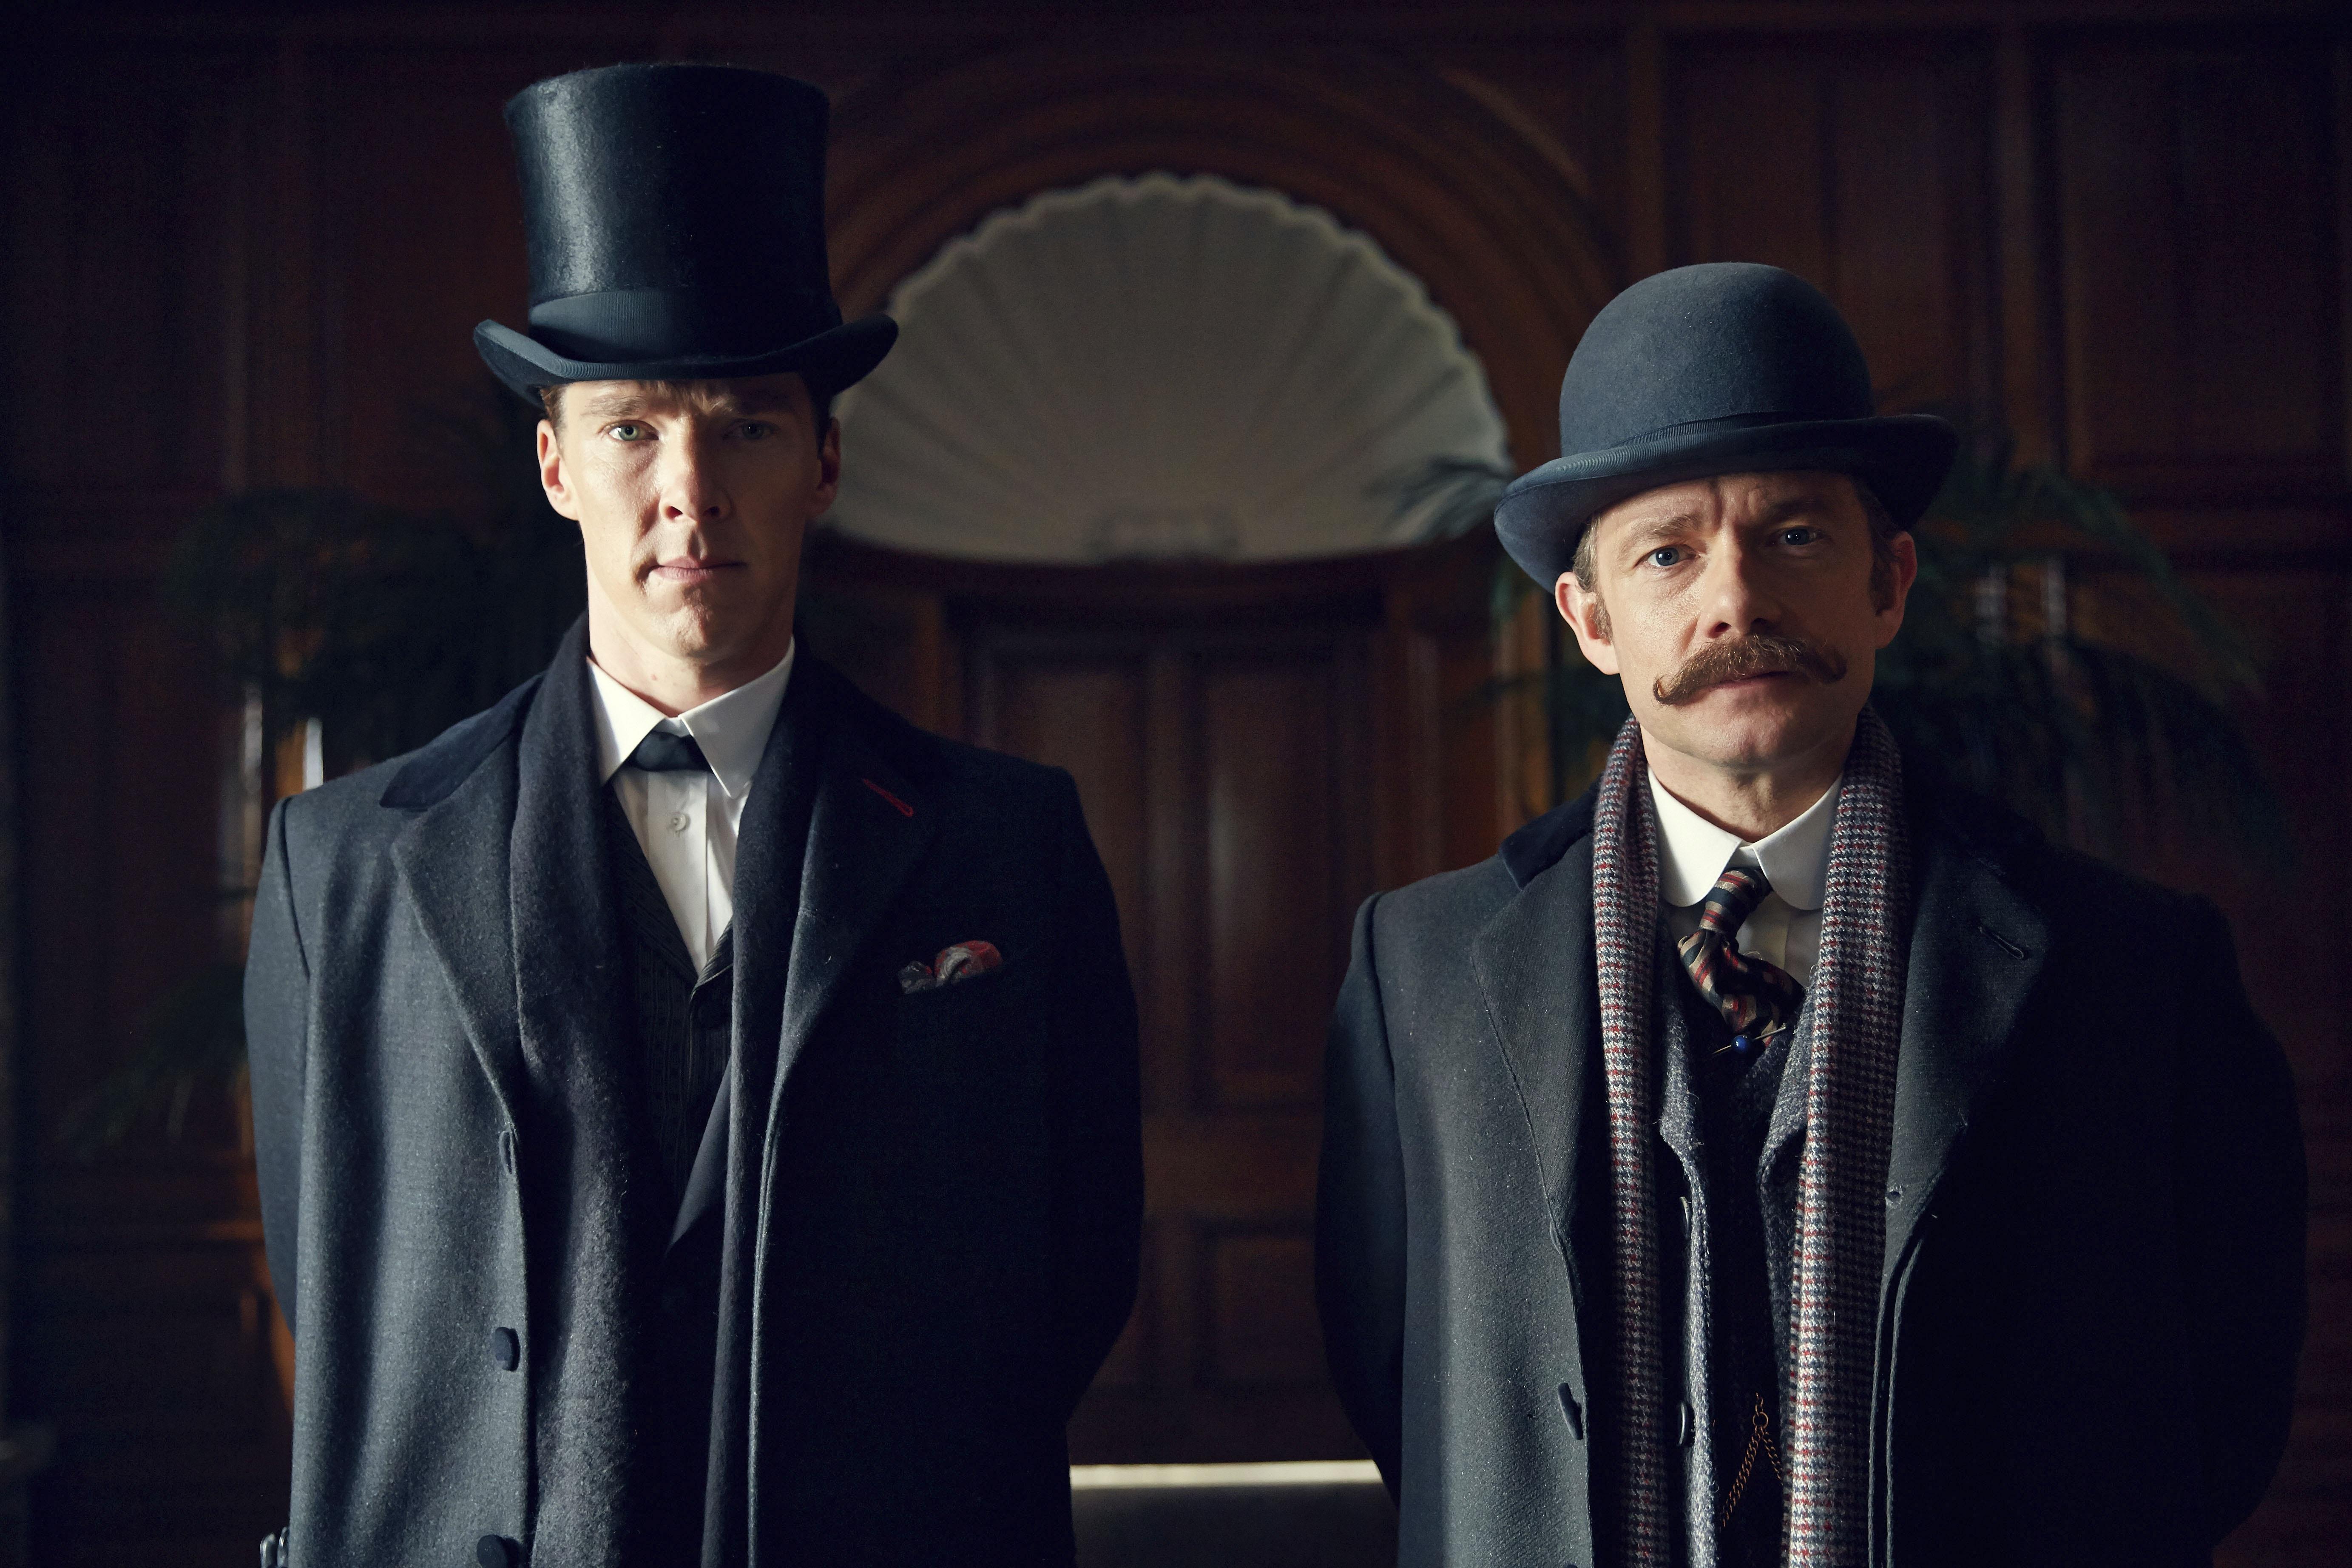 Элементарно, Ватсон: чему мы можем научиться у Шерлока Холмса